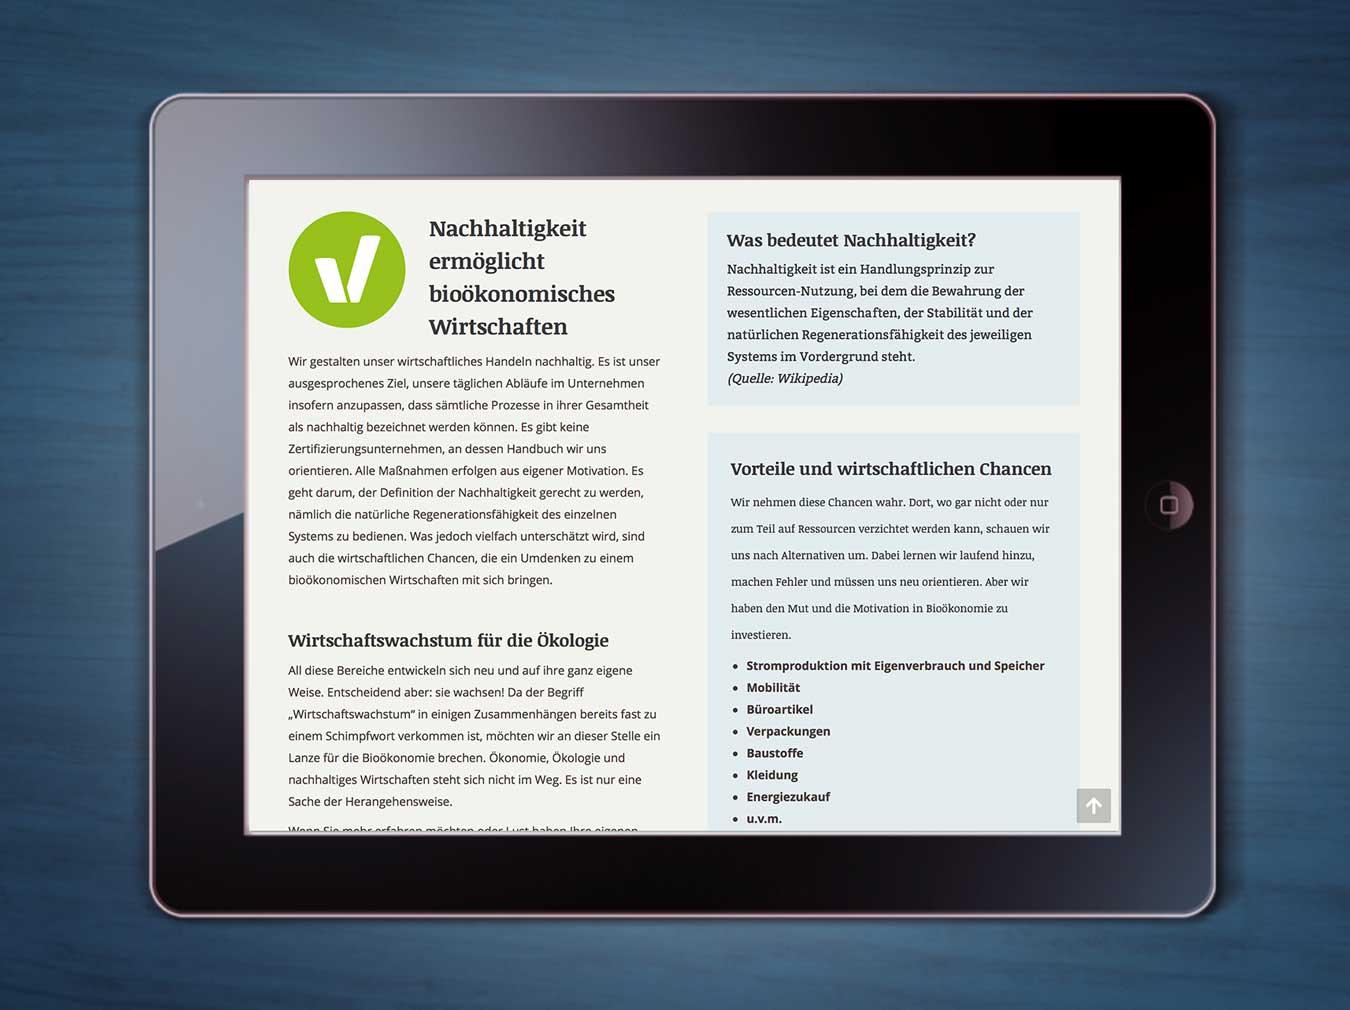 Schierbecker-Website-iPad-Thema-Nachhaltigkeit